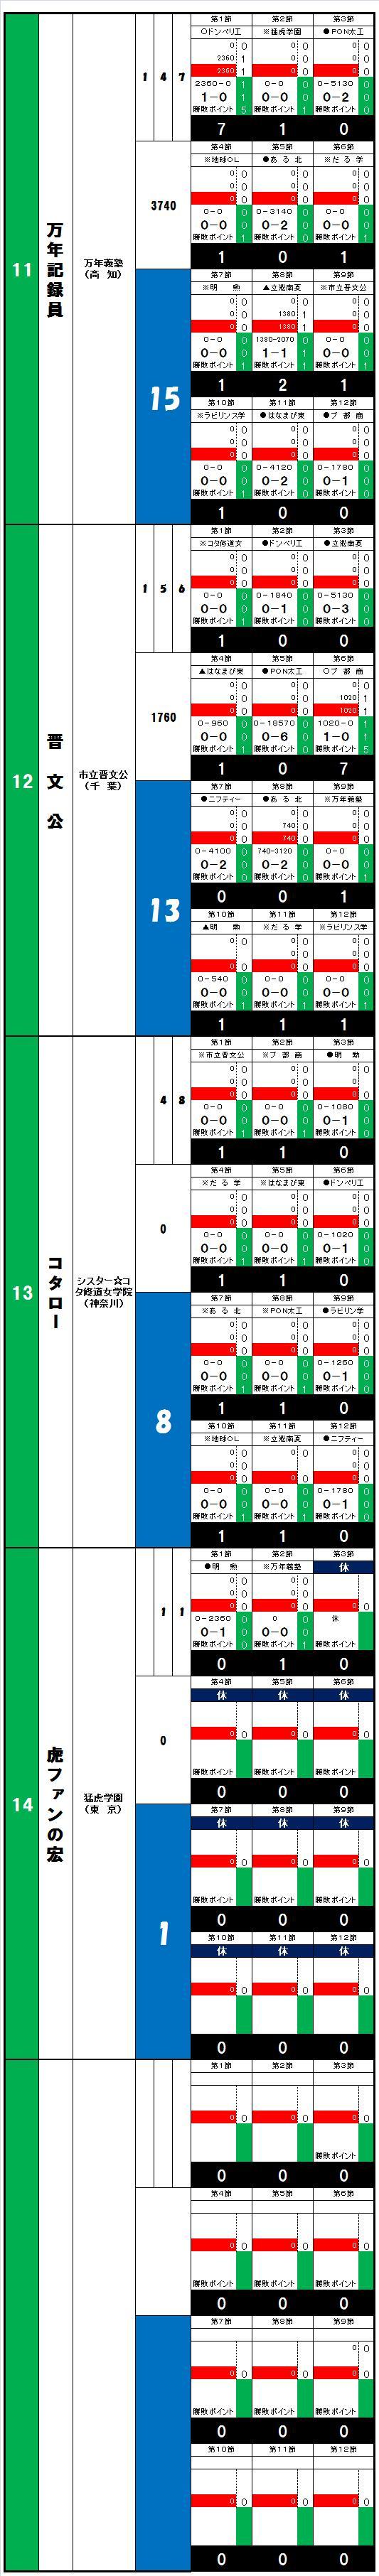 20140608・ダルマンリーグ第1回大会☆個人成績データ②.jpg